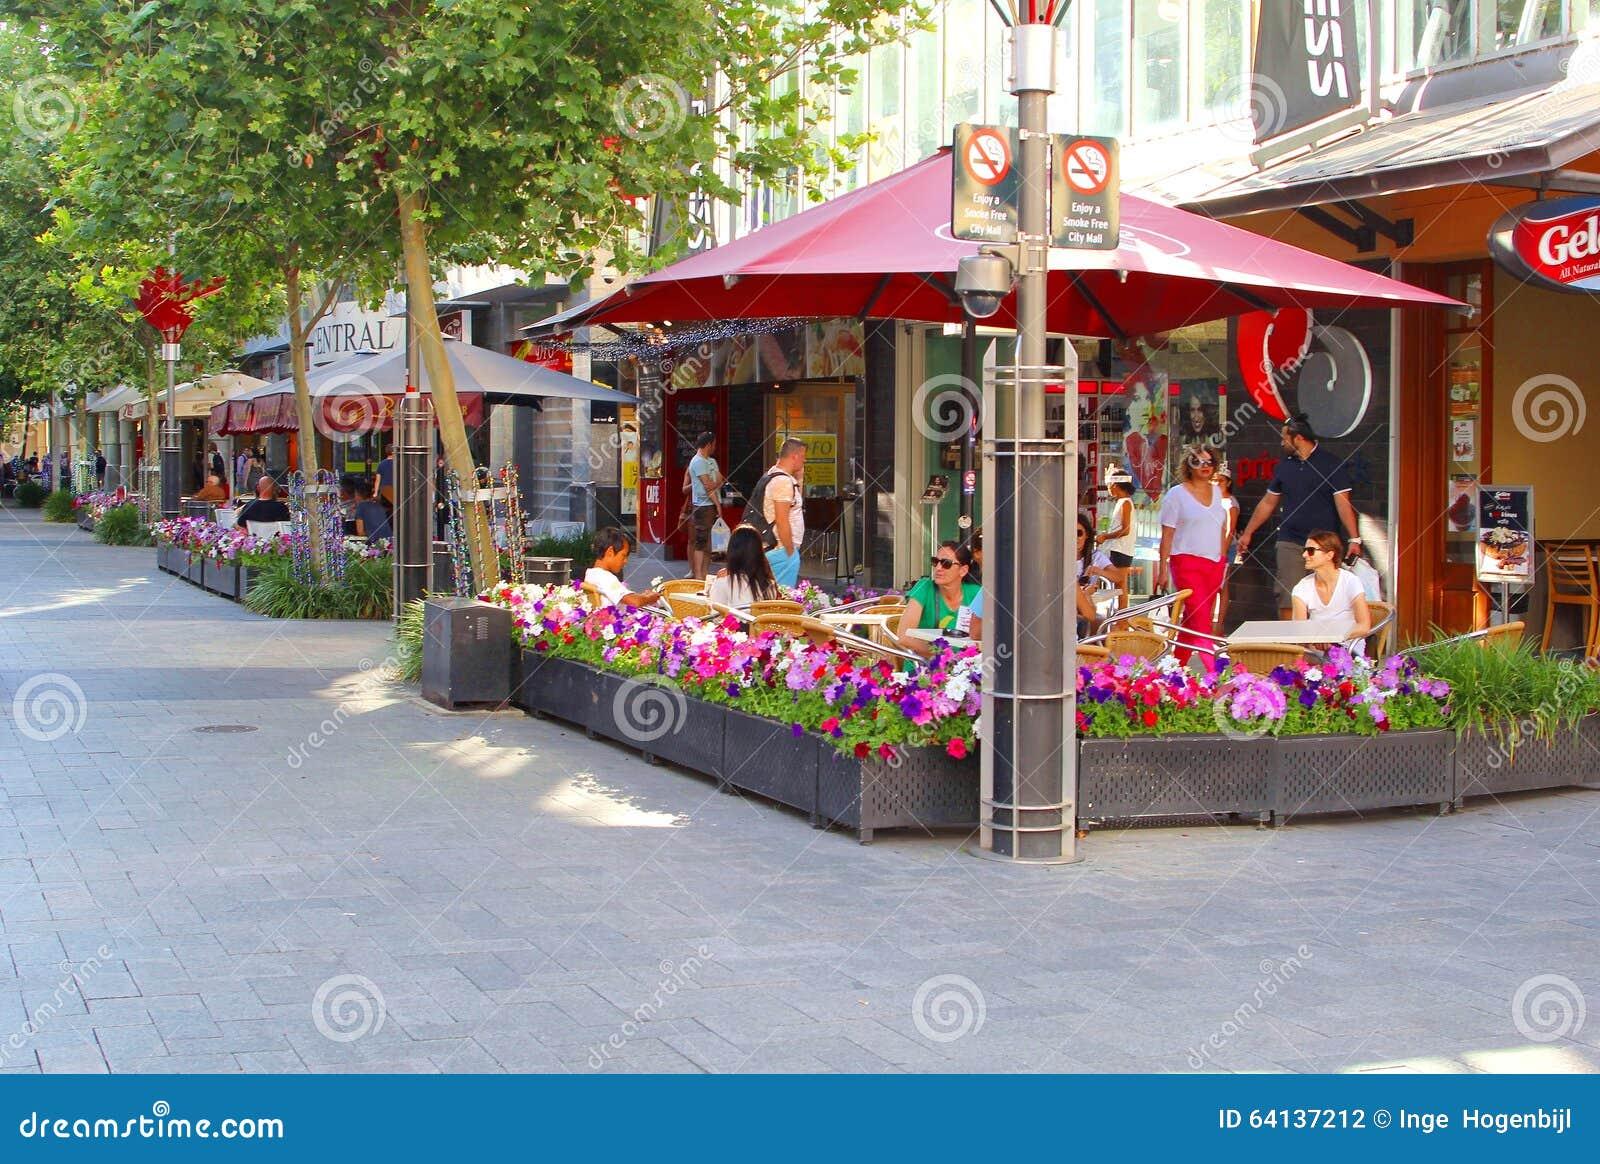 Ludzie relaksują przy cukiernianymi tarasami w Murray ulicie, Perth, zachodnia australia